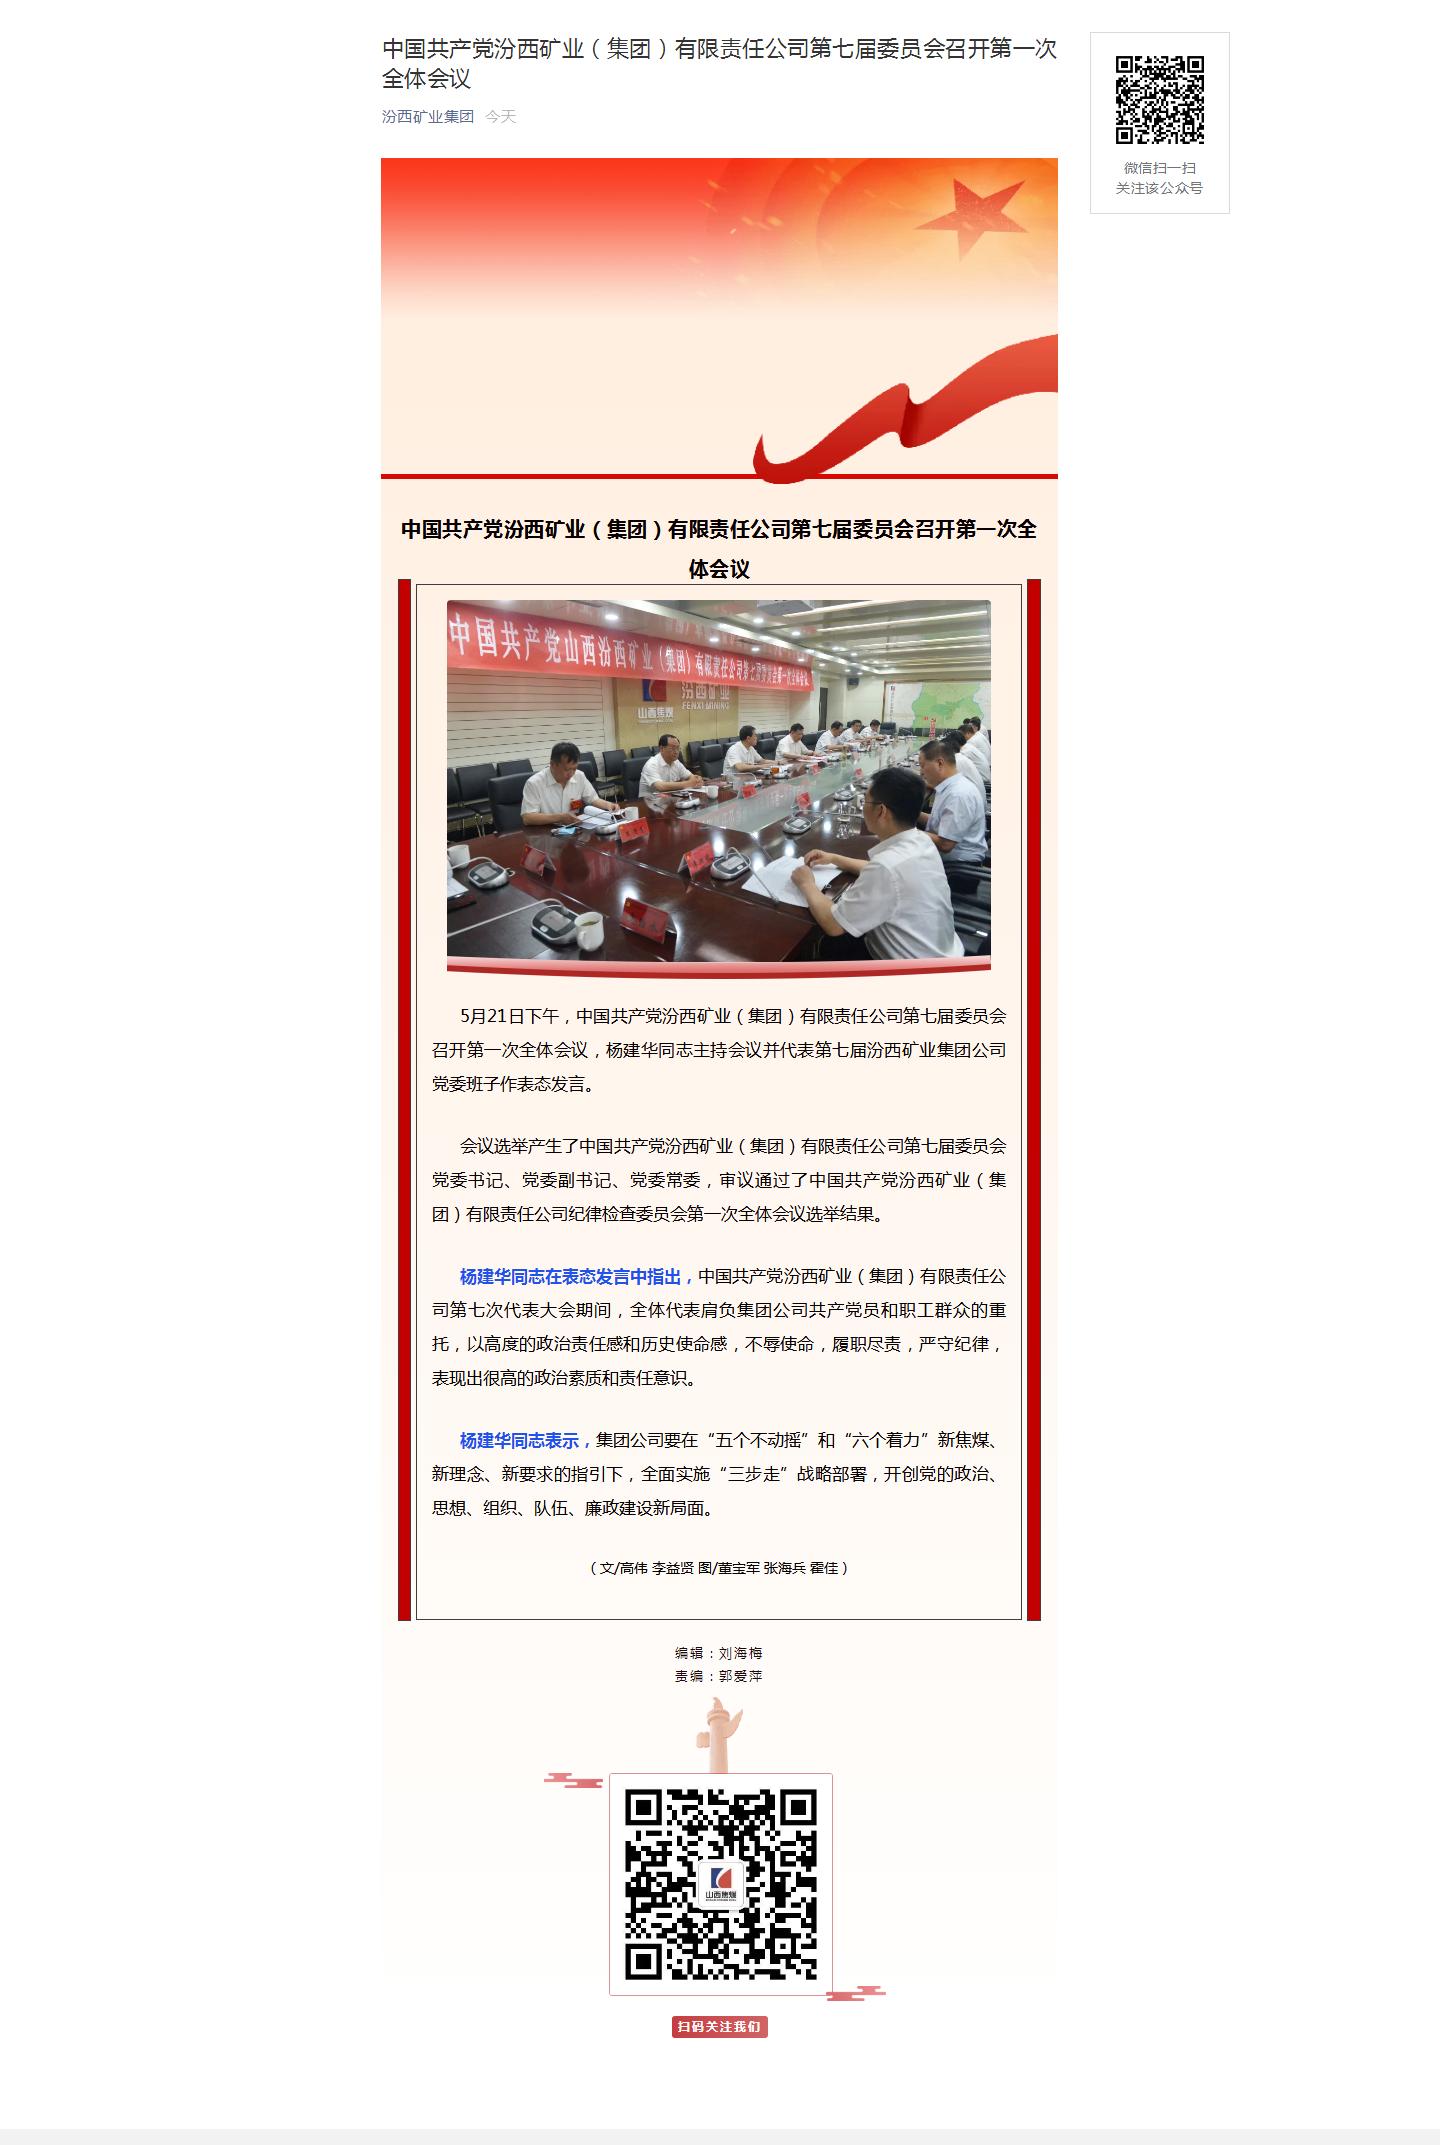 中国共产党汾西矿业(集团)有限责任公司第七届委员会召开第一次全体会议.png